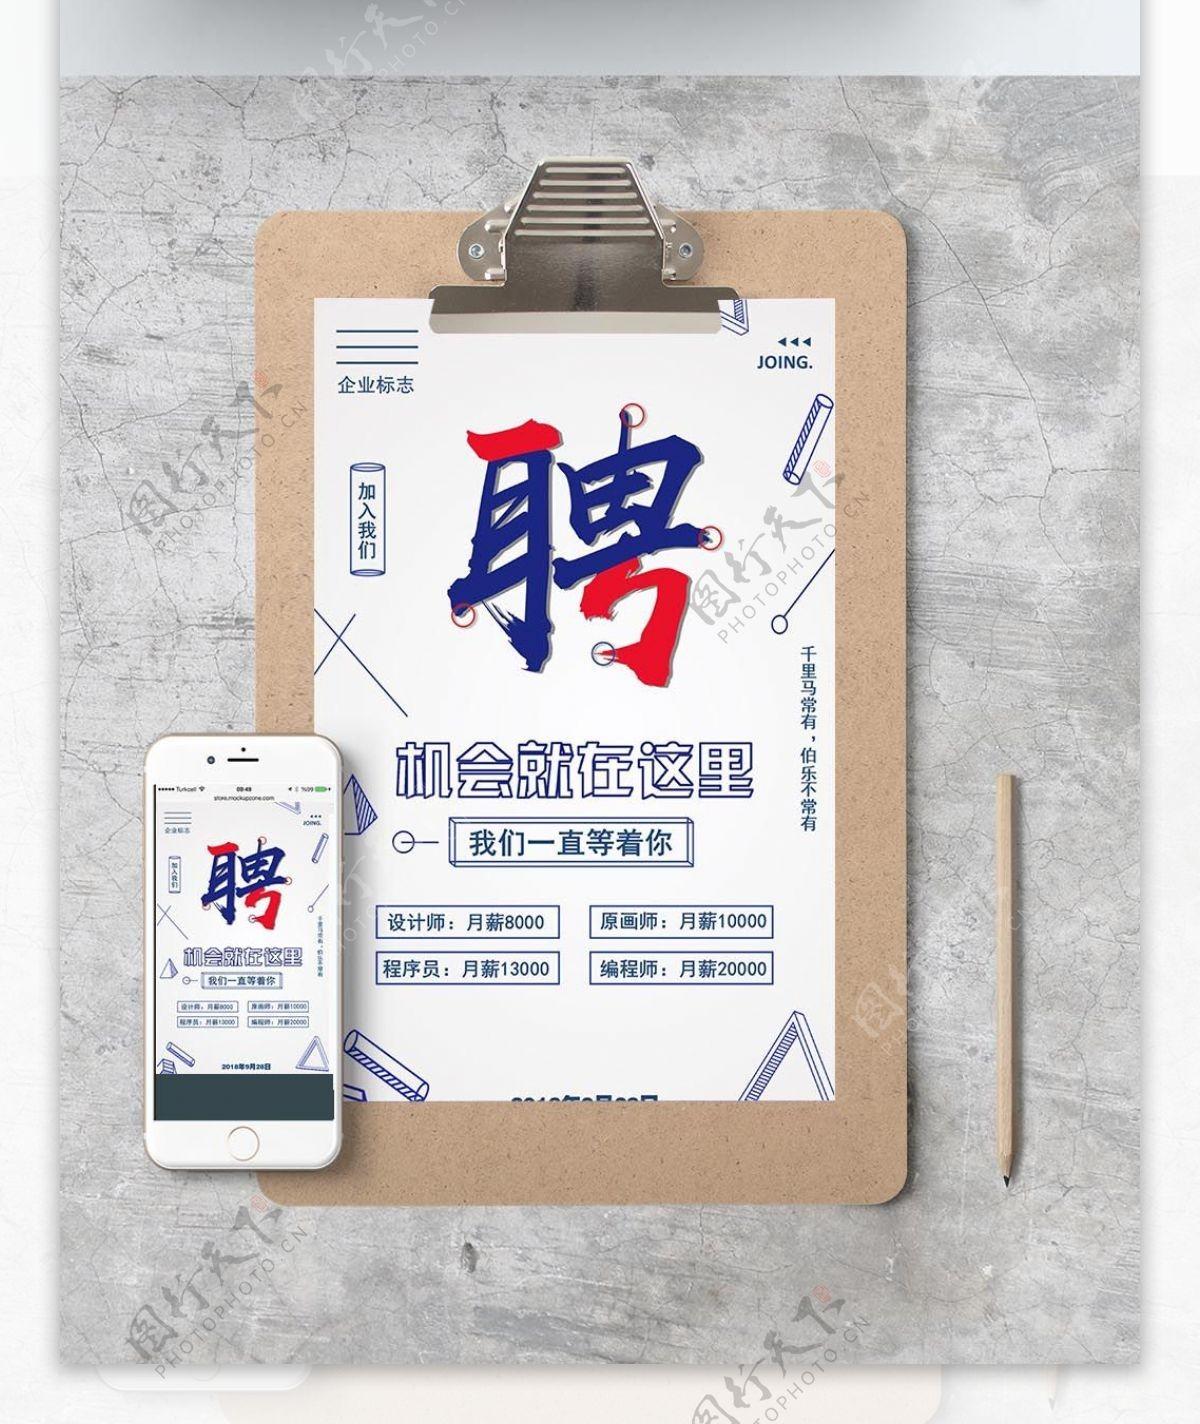 时尚招聘ppt海报